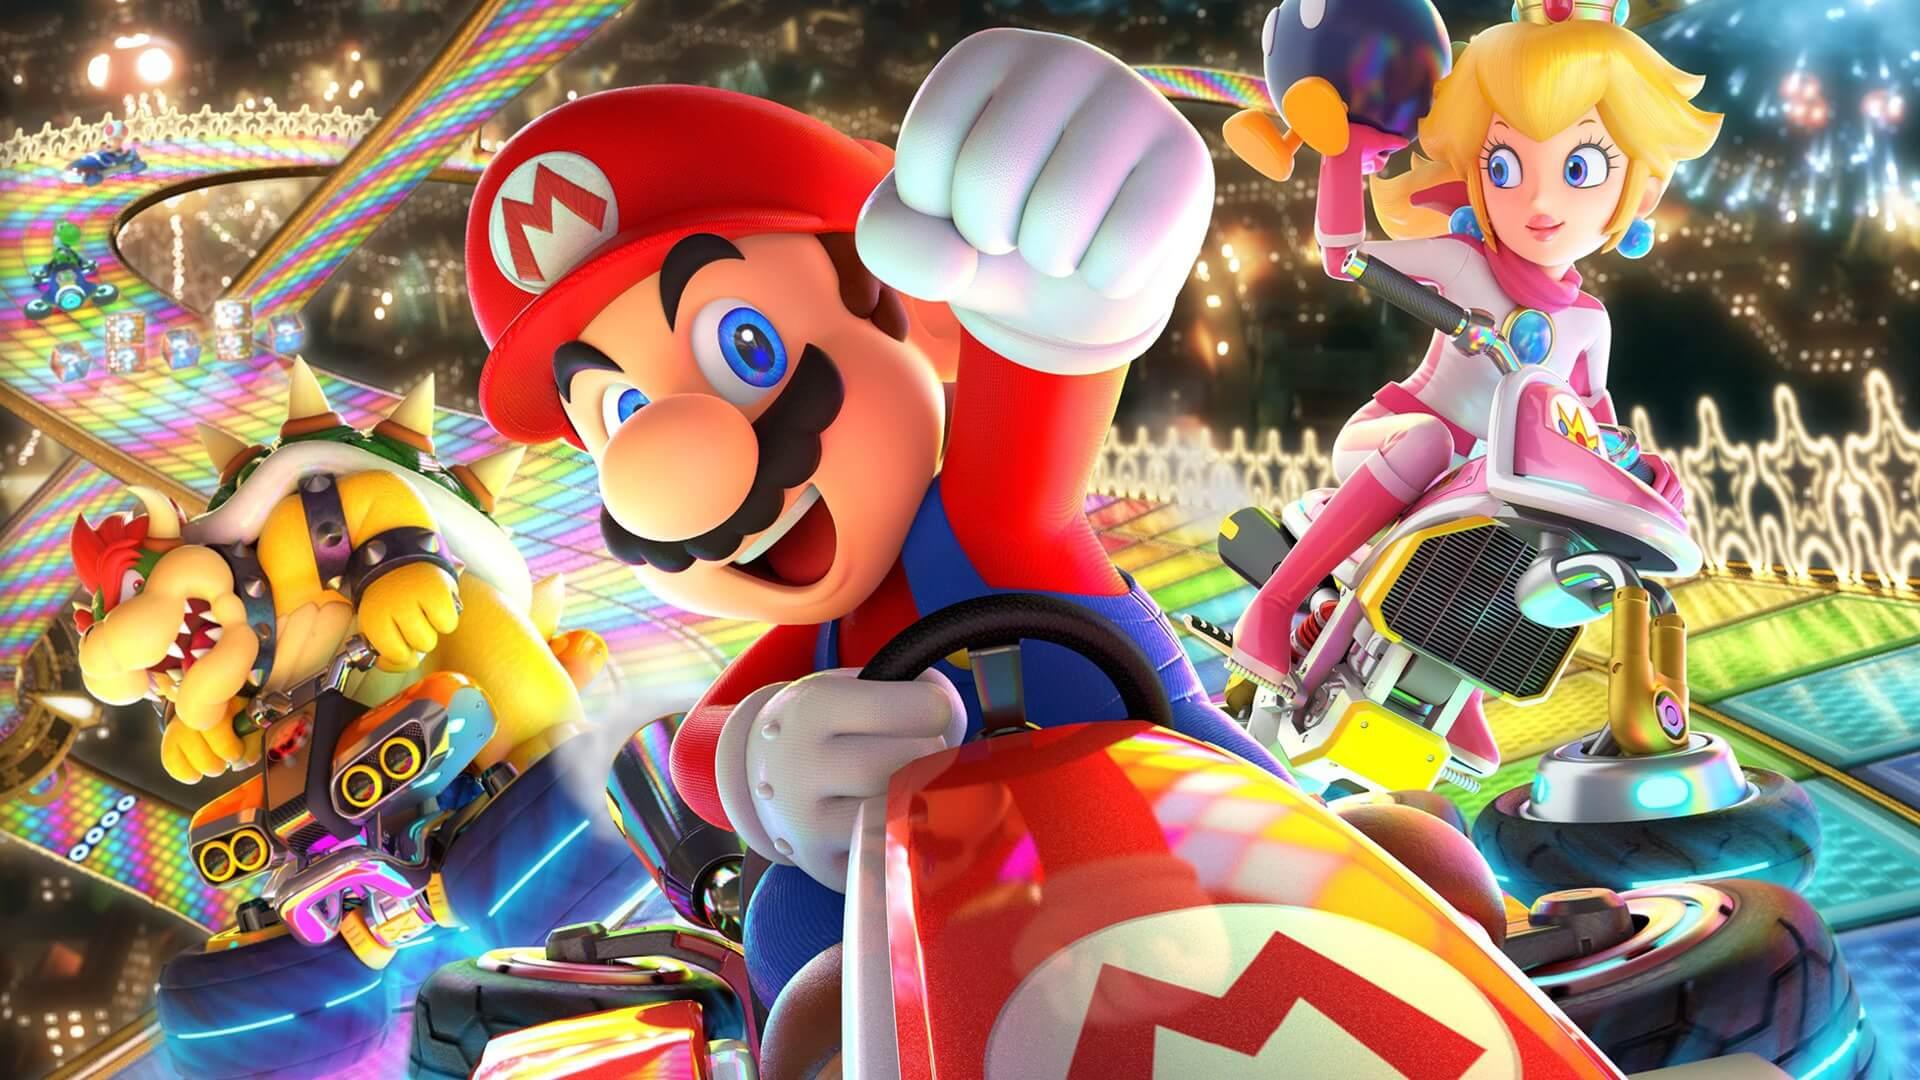 França: Mario Kart 8 Deluxe vendeu mais em 2018 que em seu ano de lançamento